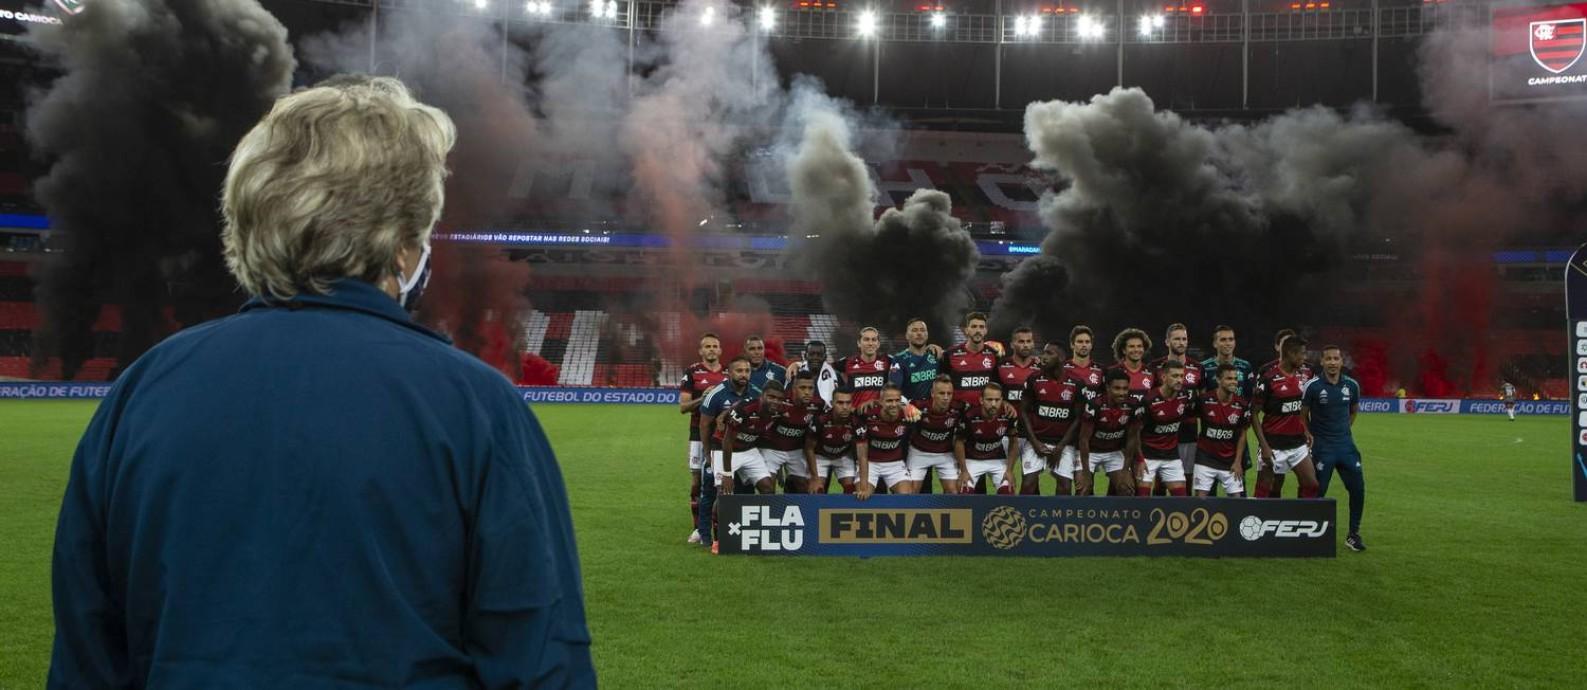 Jorge Jesus observa os jogadores do Flamengo antes da final do Campeonato Carioca Foto: Alexandre Cassiano / Agência O Globo